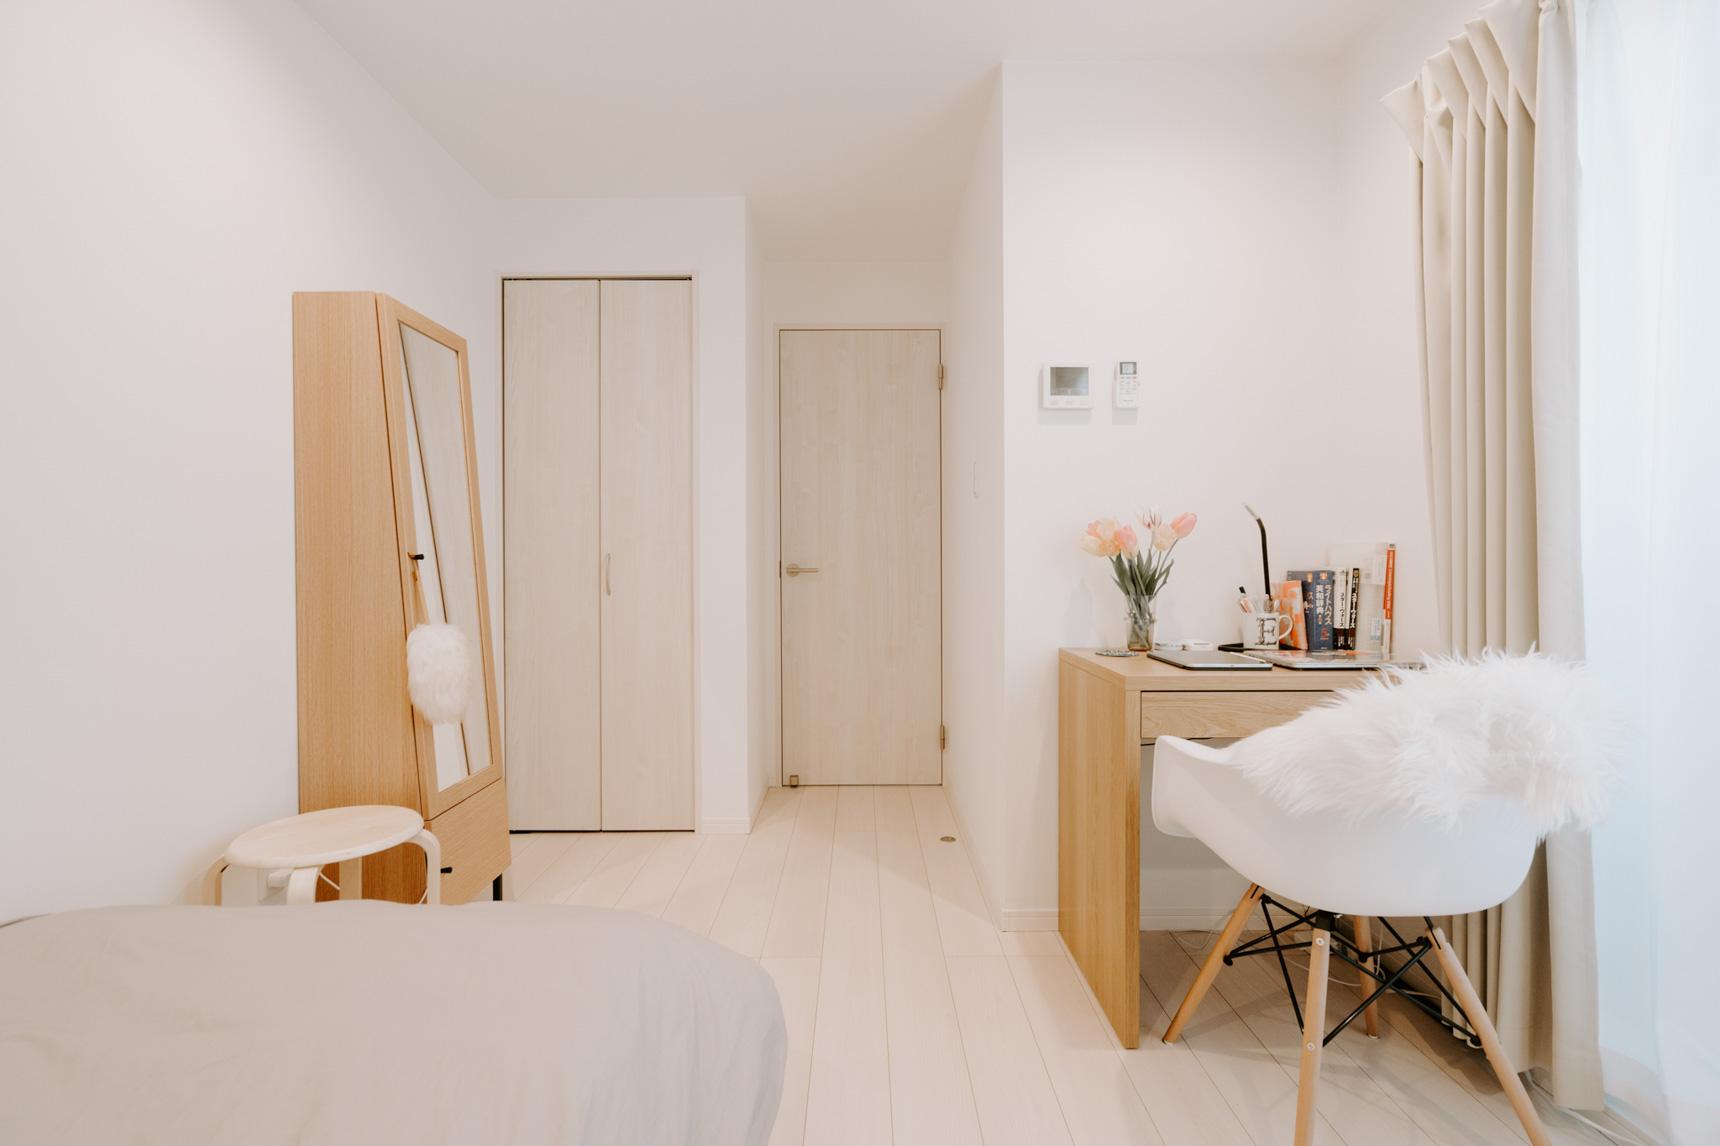 6畳1Kのお部屋に住むeriさんのお部屋。コンパクトな空間に、必要なものがしっかりおさまっています。